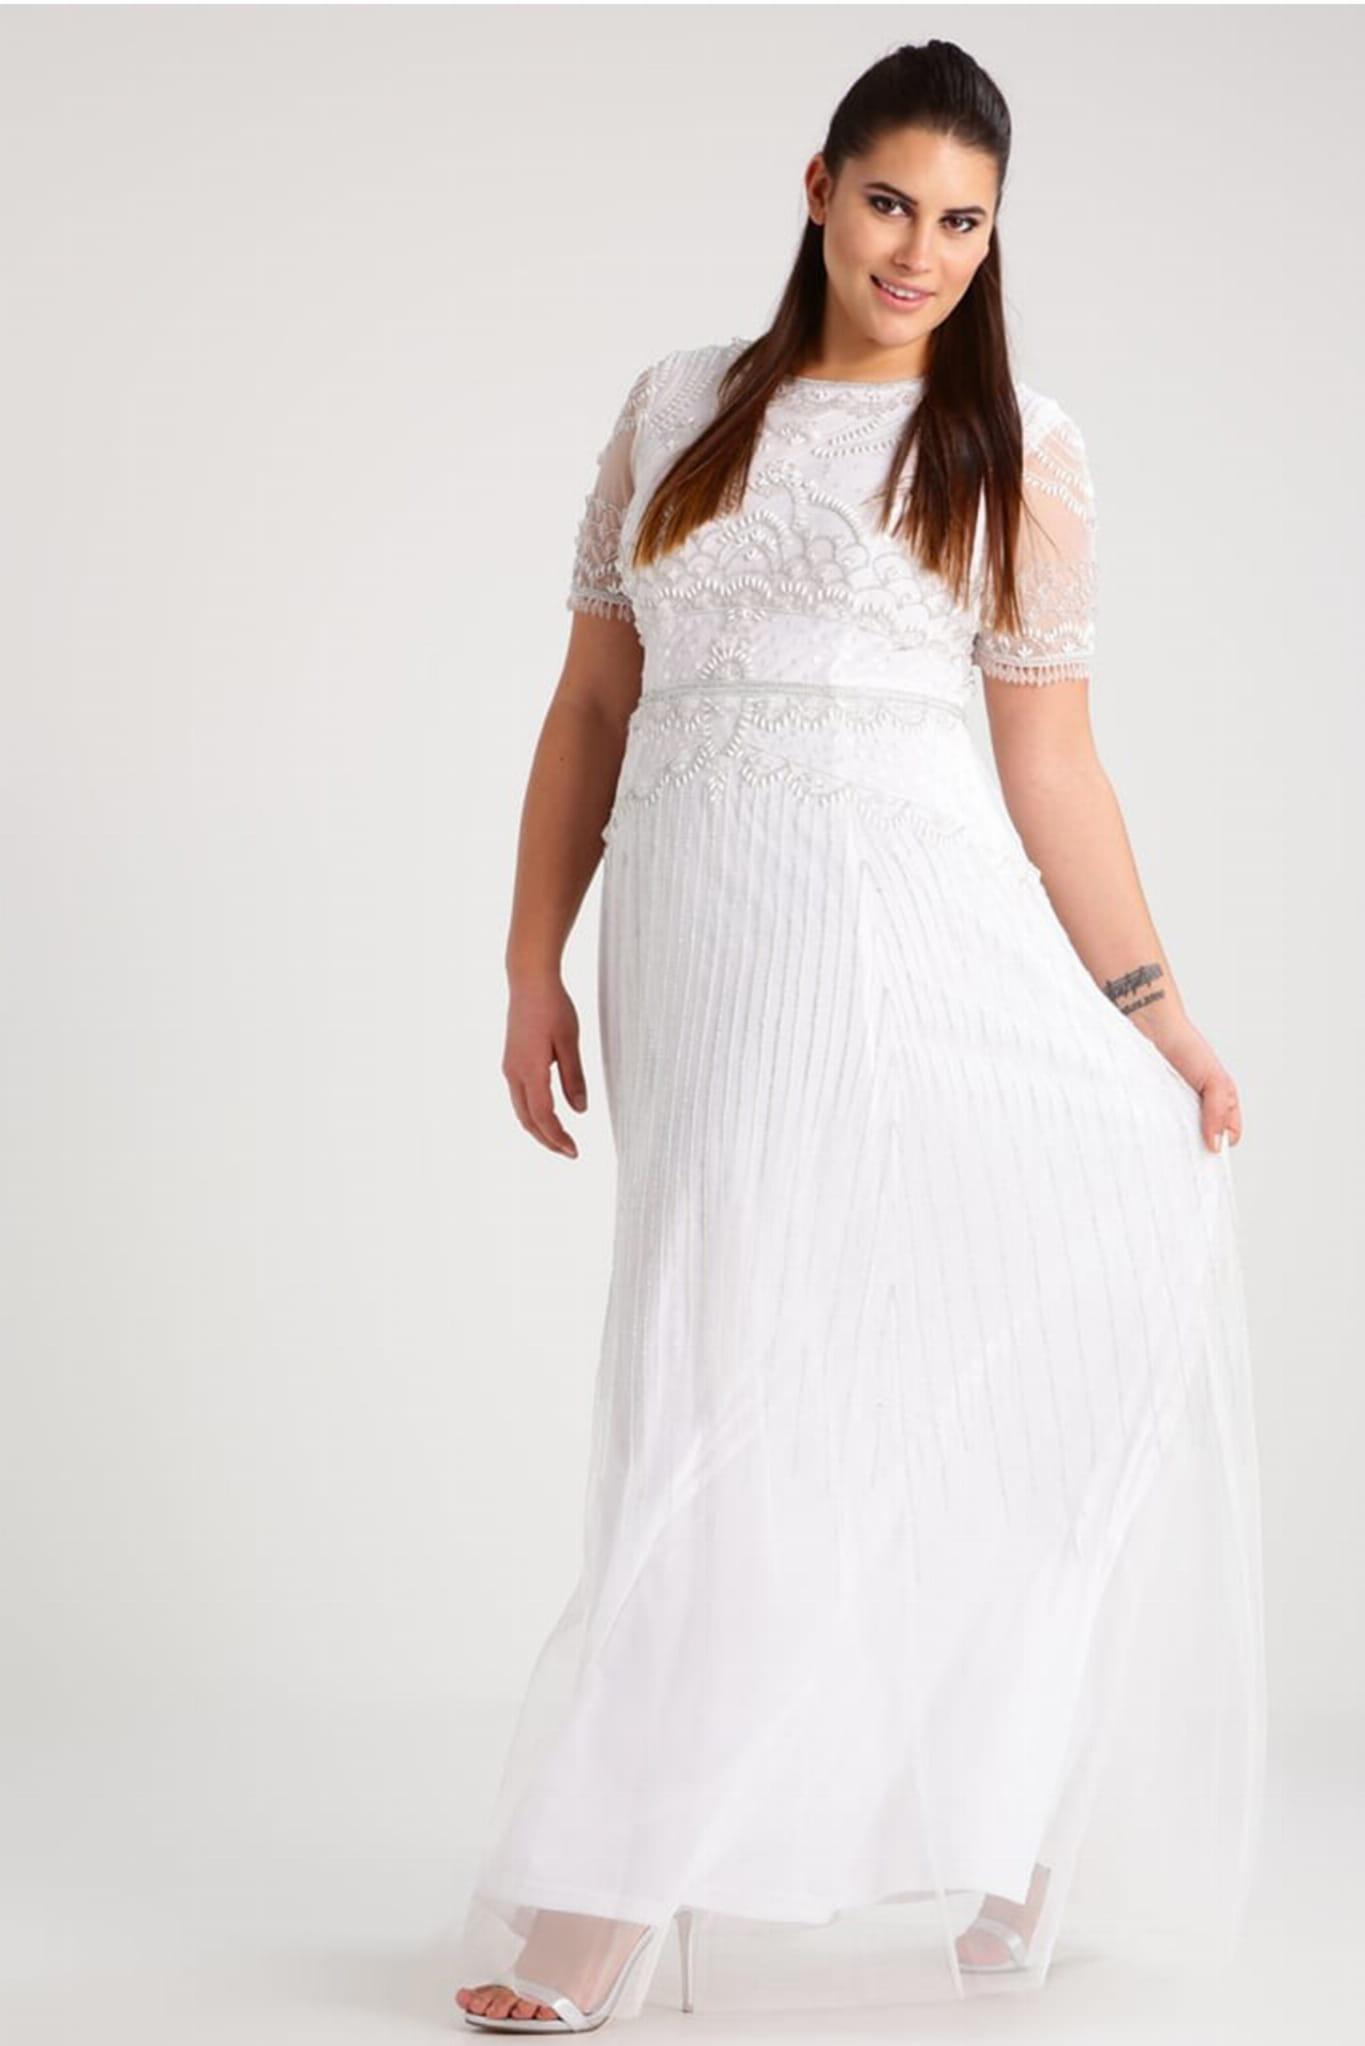 0b3e6961ac 091892370 Sukienka wieczorowa biała - Navona